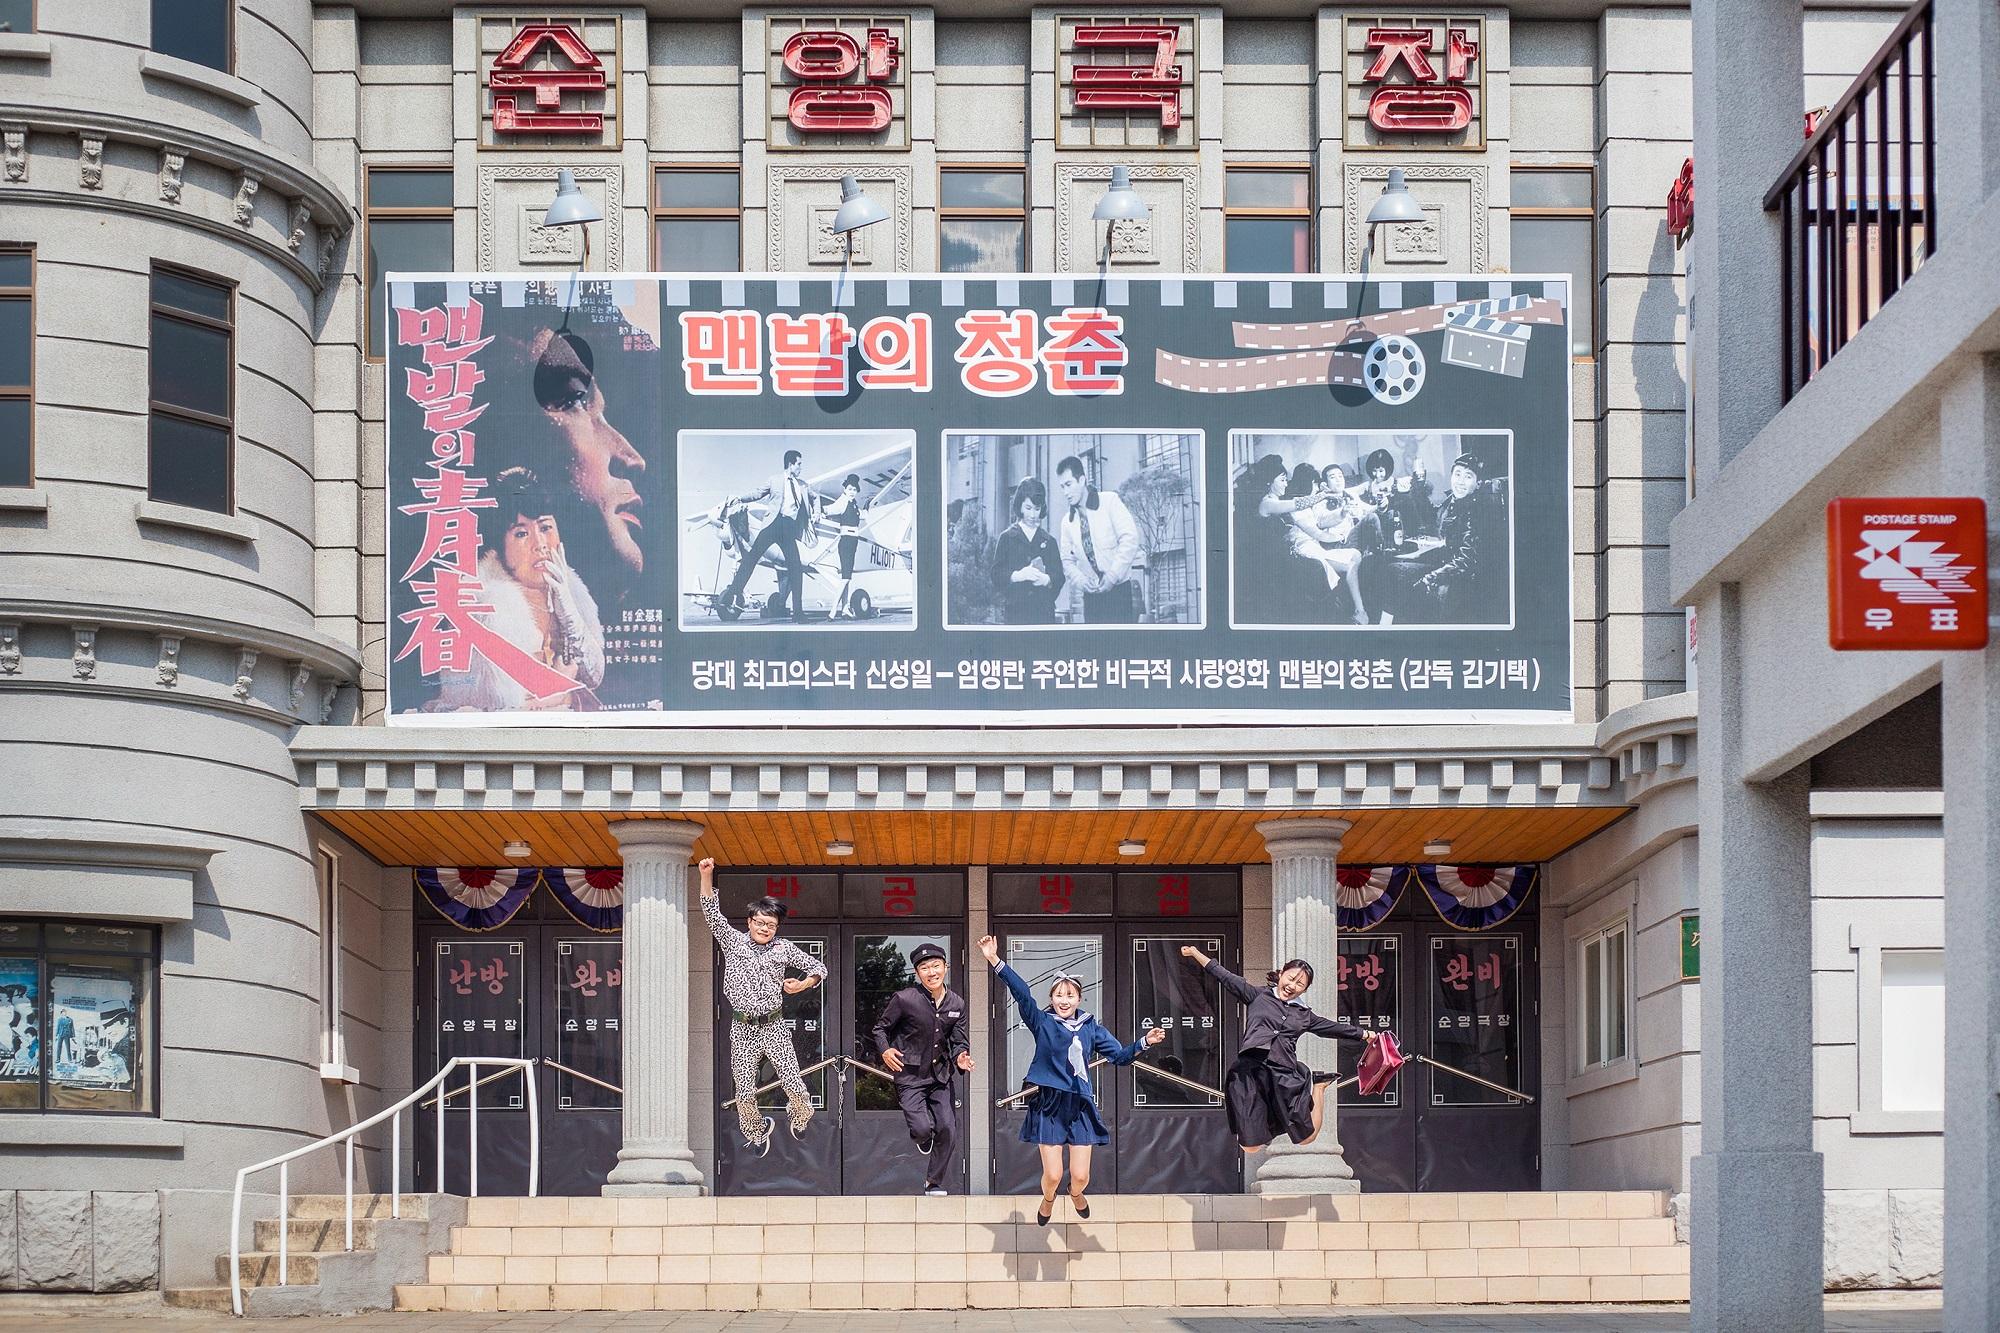 Suncheon Drama Set